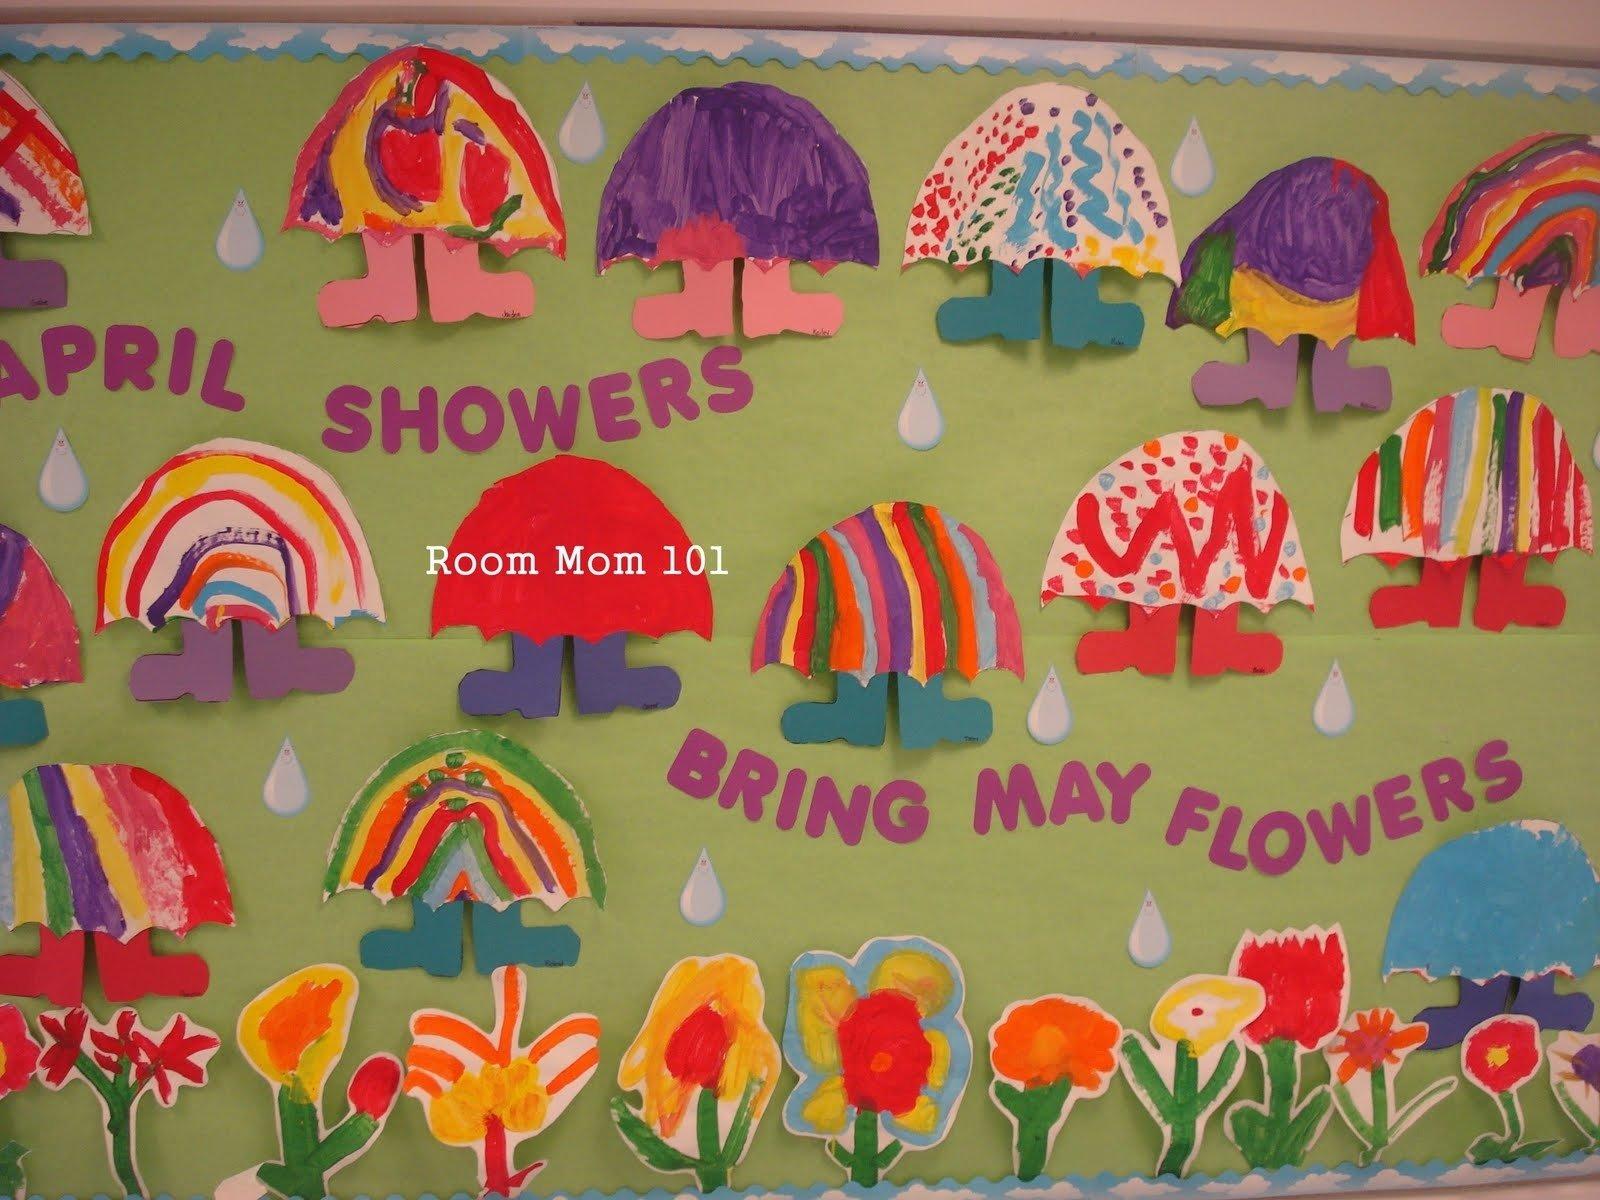 10 Attractive April Showers Bulletin Board Ideas april showers bring may flowers classroom bulletin board idea supplyme 2021